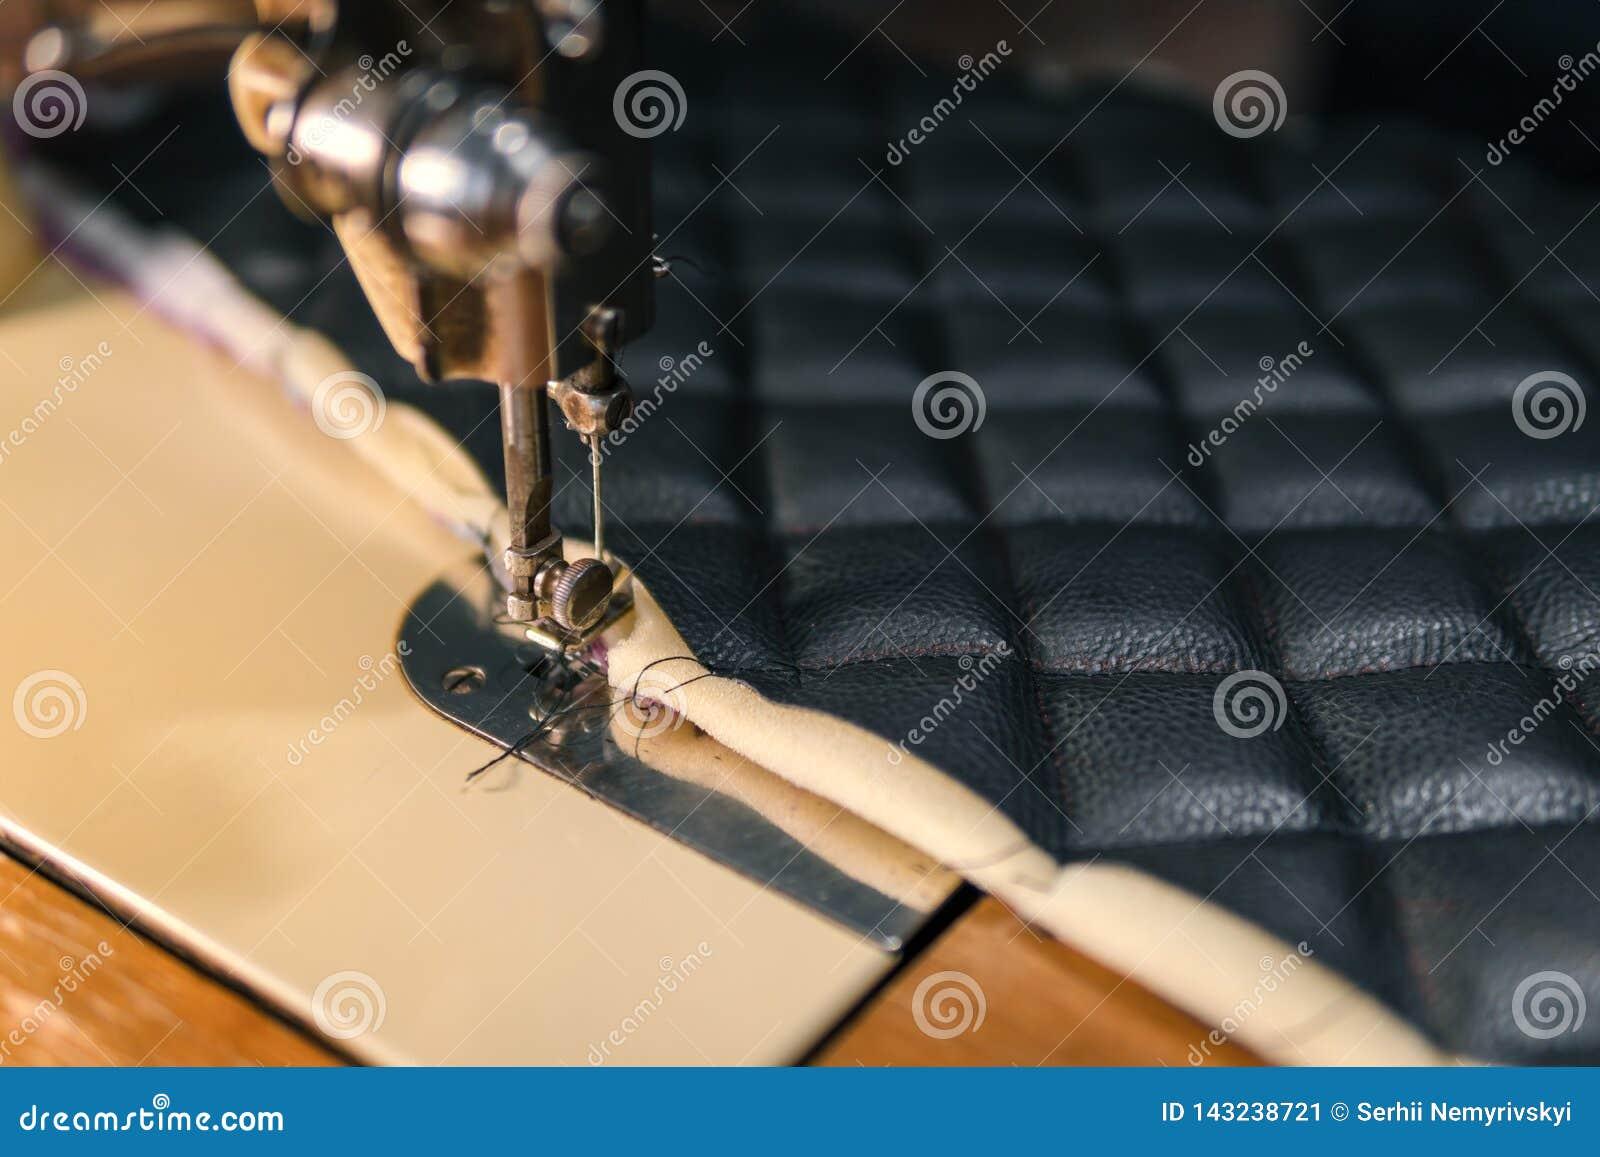 螺纹剪皮革产品辅助部件和工具,传统缝合的顶视图的概念